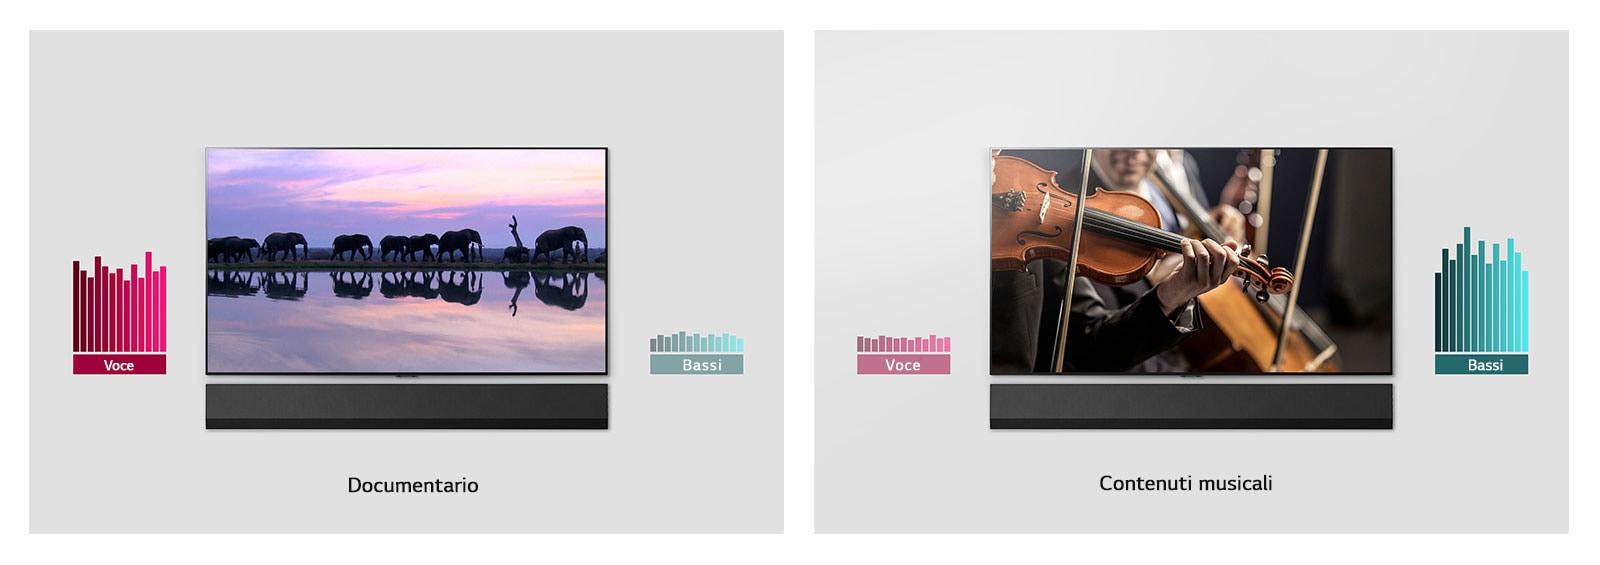 Due immagini affiancate di TV e soundbar montati a parete. Una TV mostra degli elefanti e un'altra mostra un'orchestra. Accanto a ogni televisore si trovano due diagrammi.